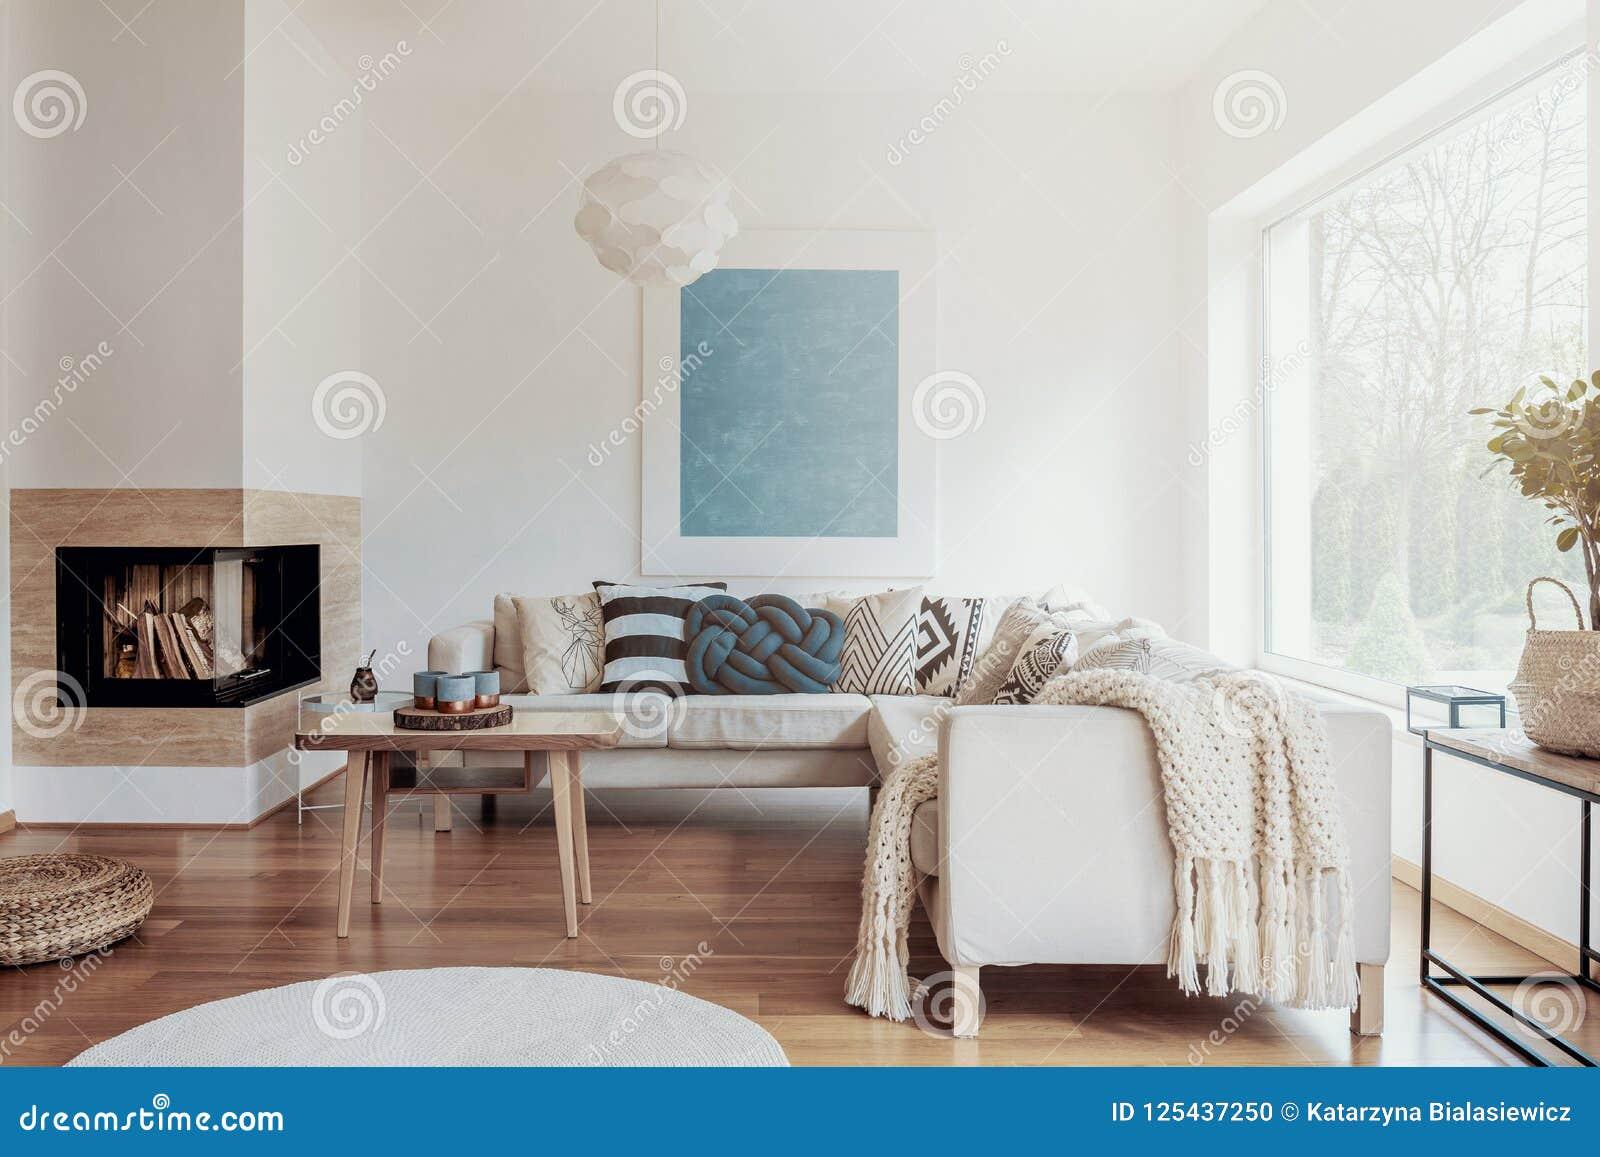 Cheminée faisante le coin moderne dans un intérieur ensoleillé et paisible de salon avec les murs blancs et des oreillers et des